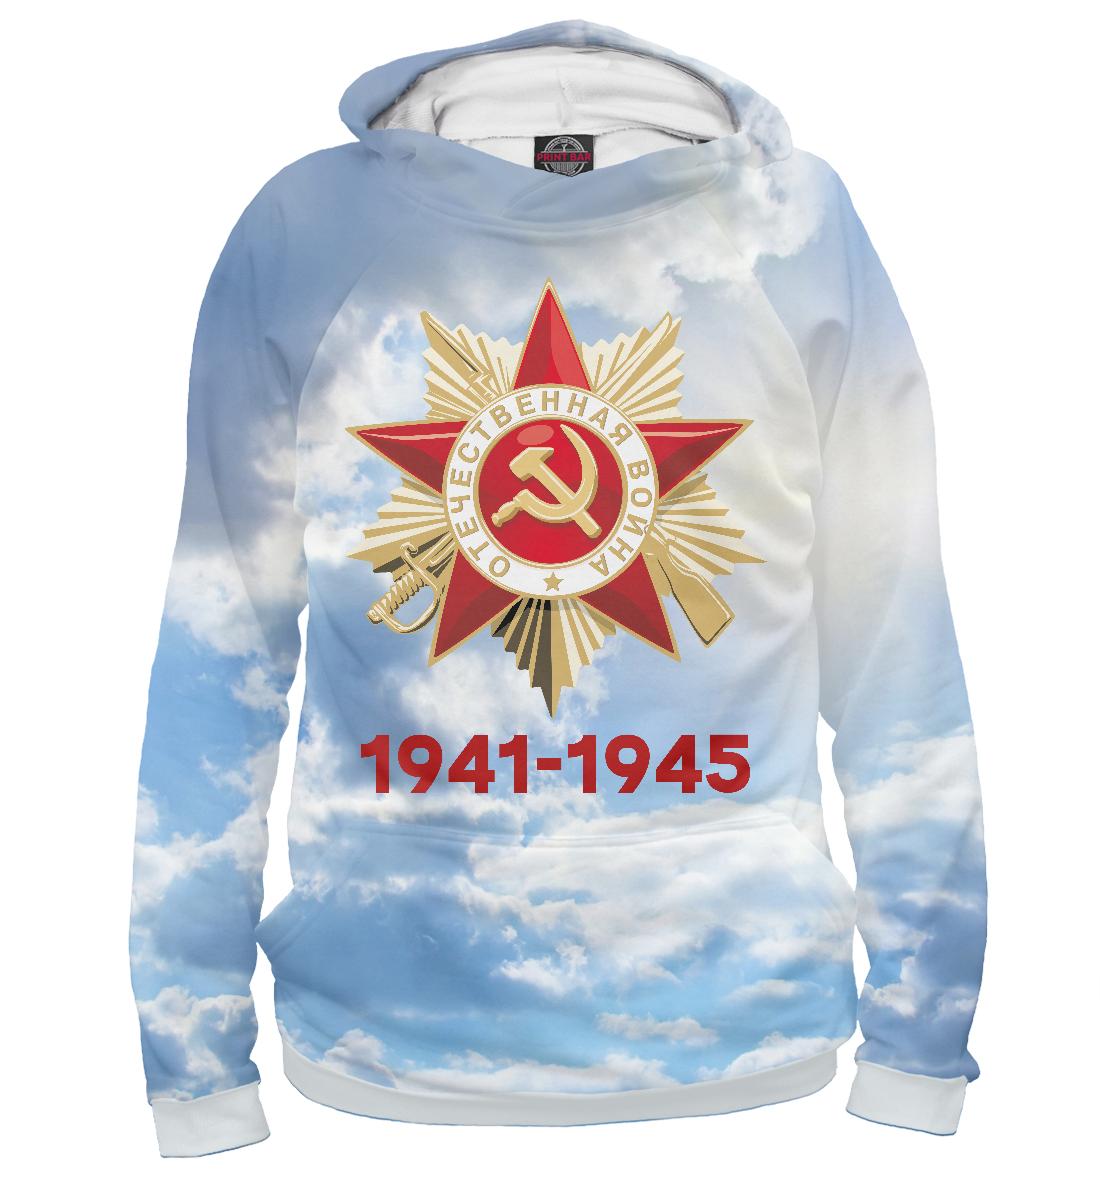 Фото - 1941-1945 дамаскин игорь анатольевич битвы разведок 1941 1945